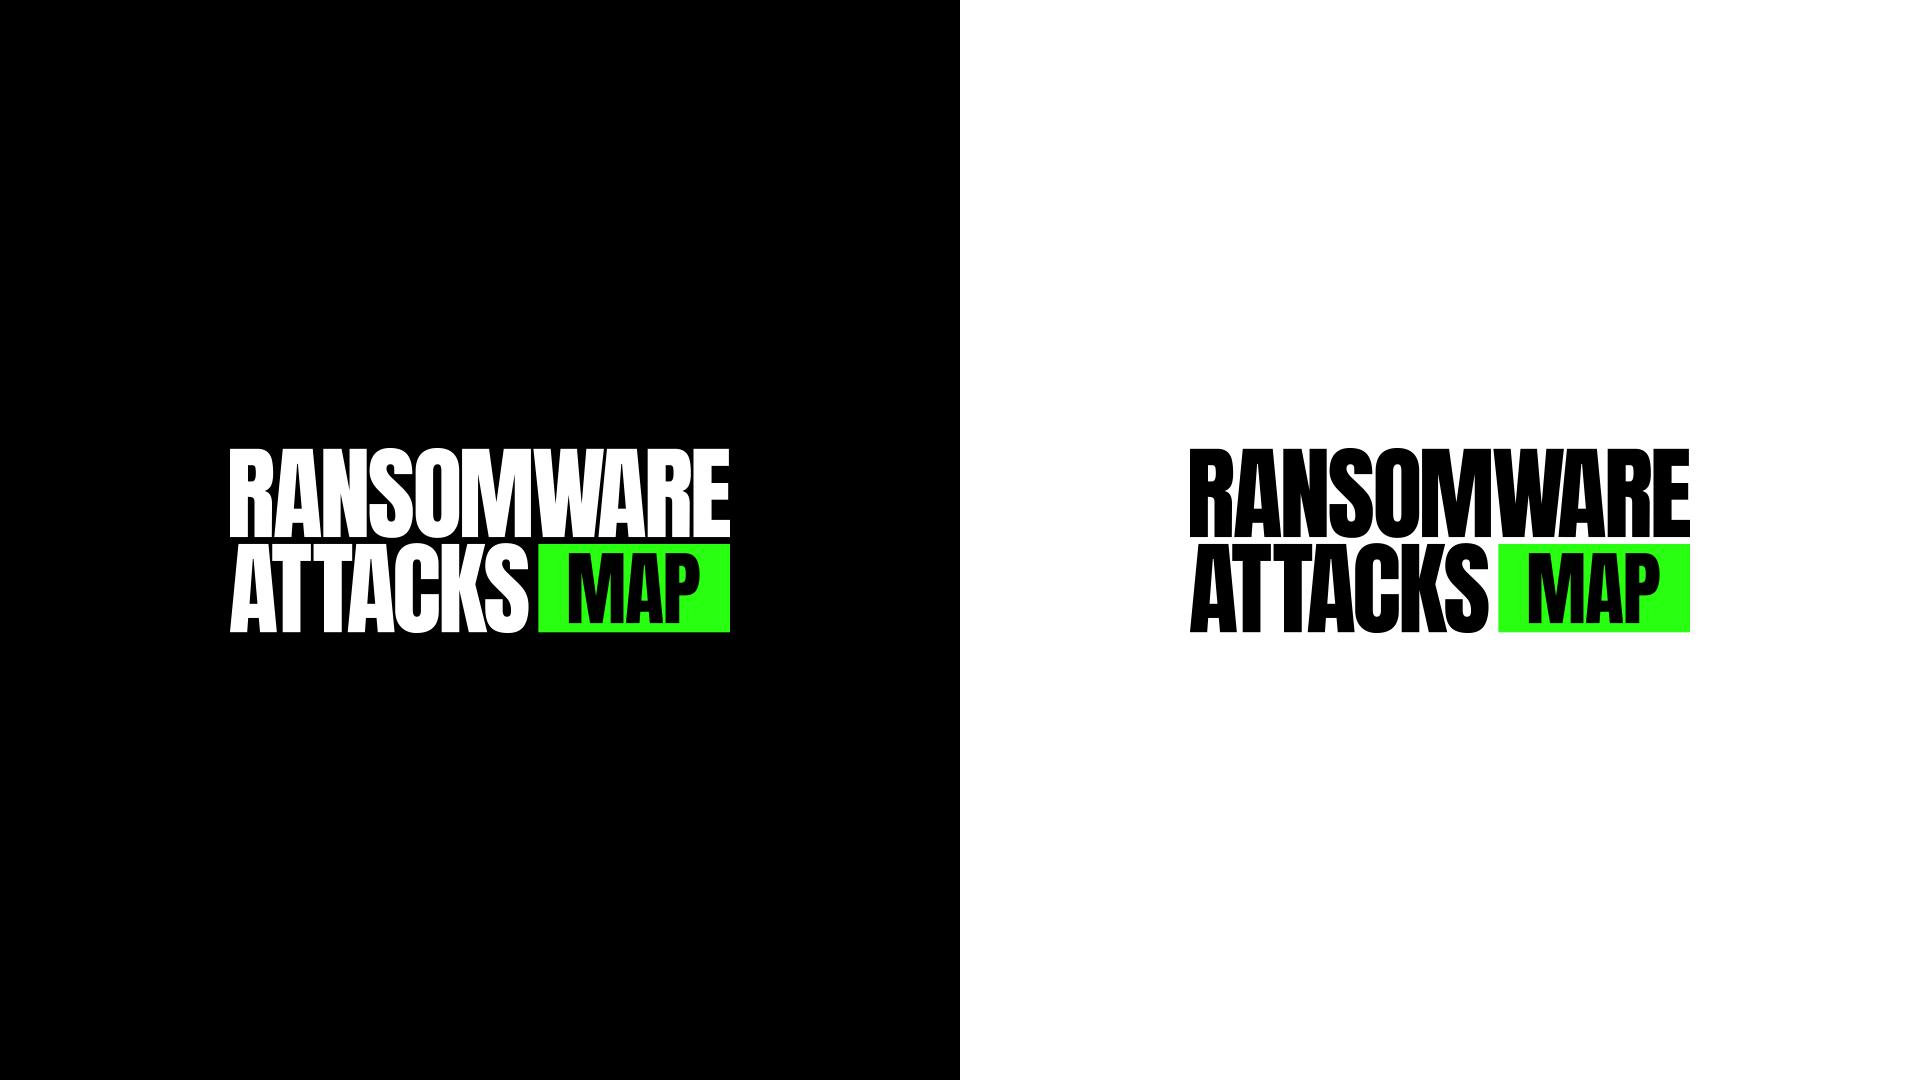 Ransomware_Map_logos